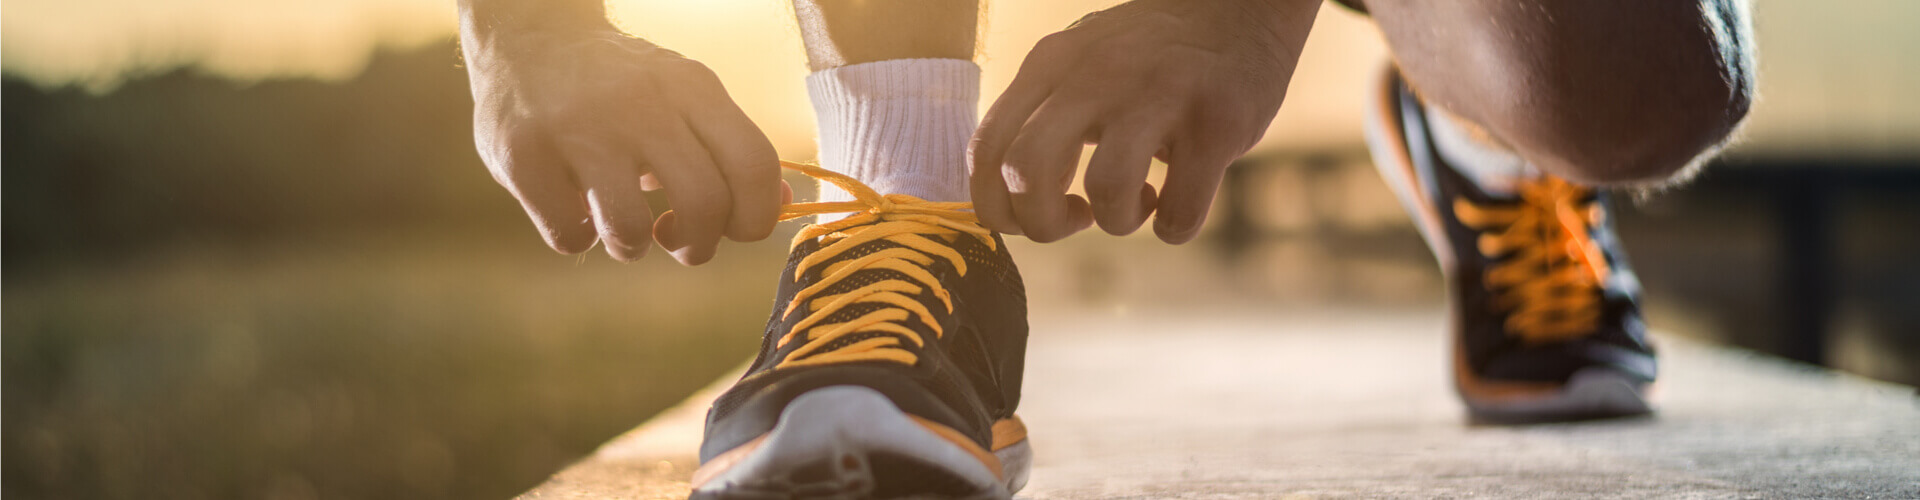 Joggen Anfänger - So geht´s richtig! - Qi² Fitness-Tipps